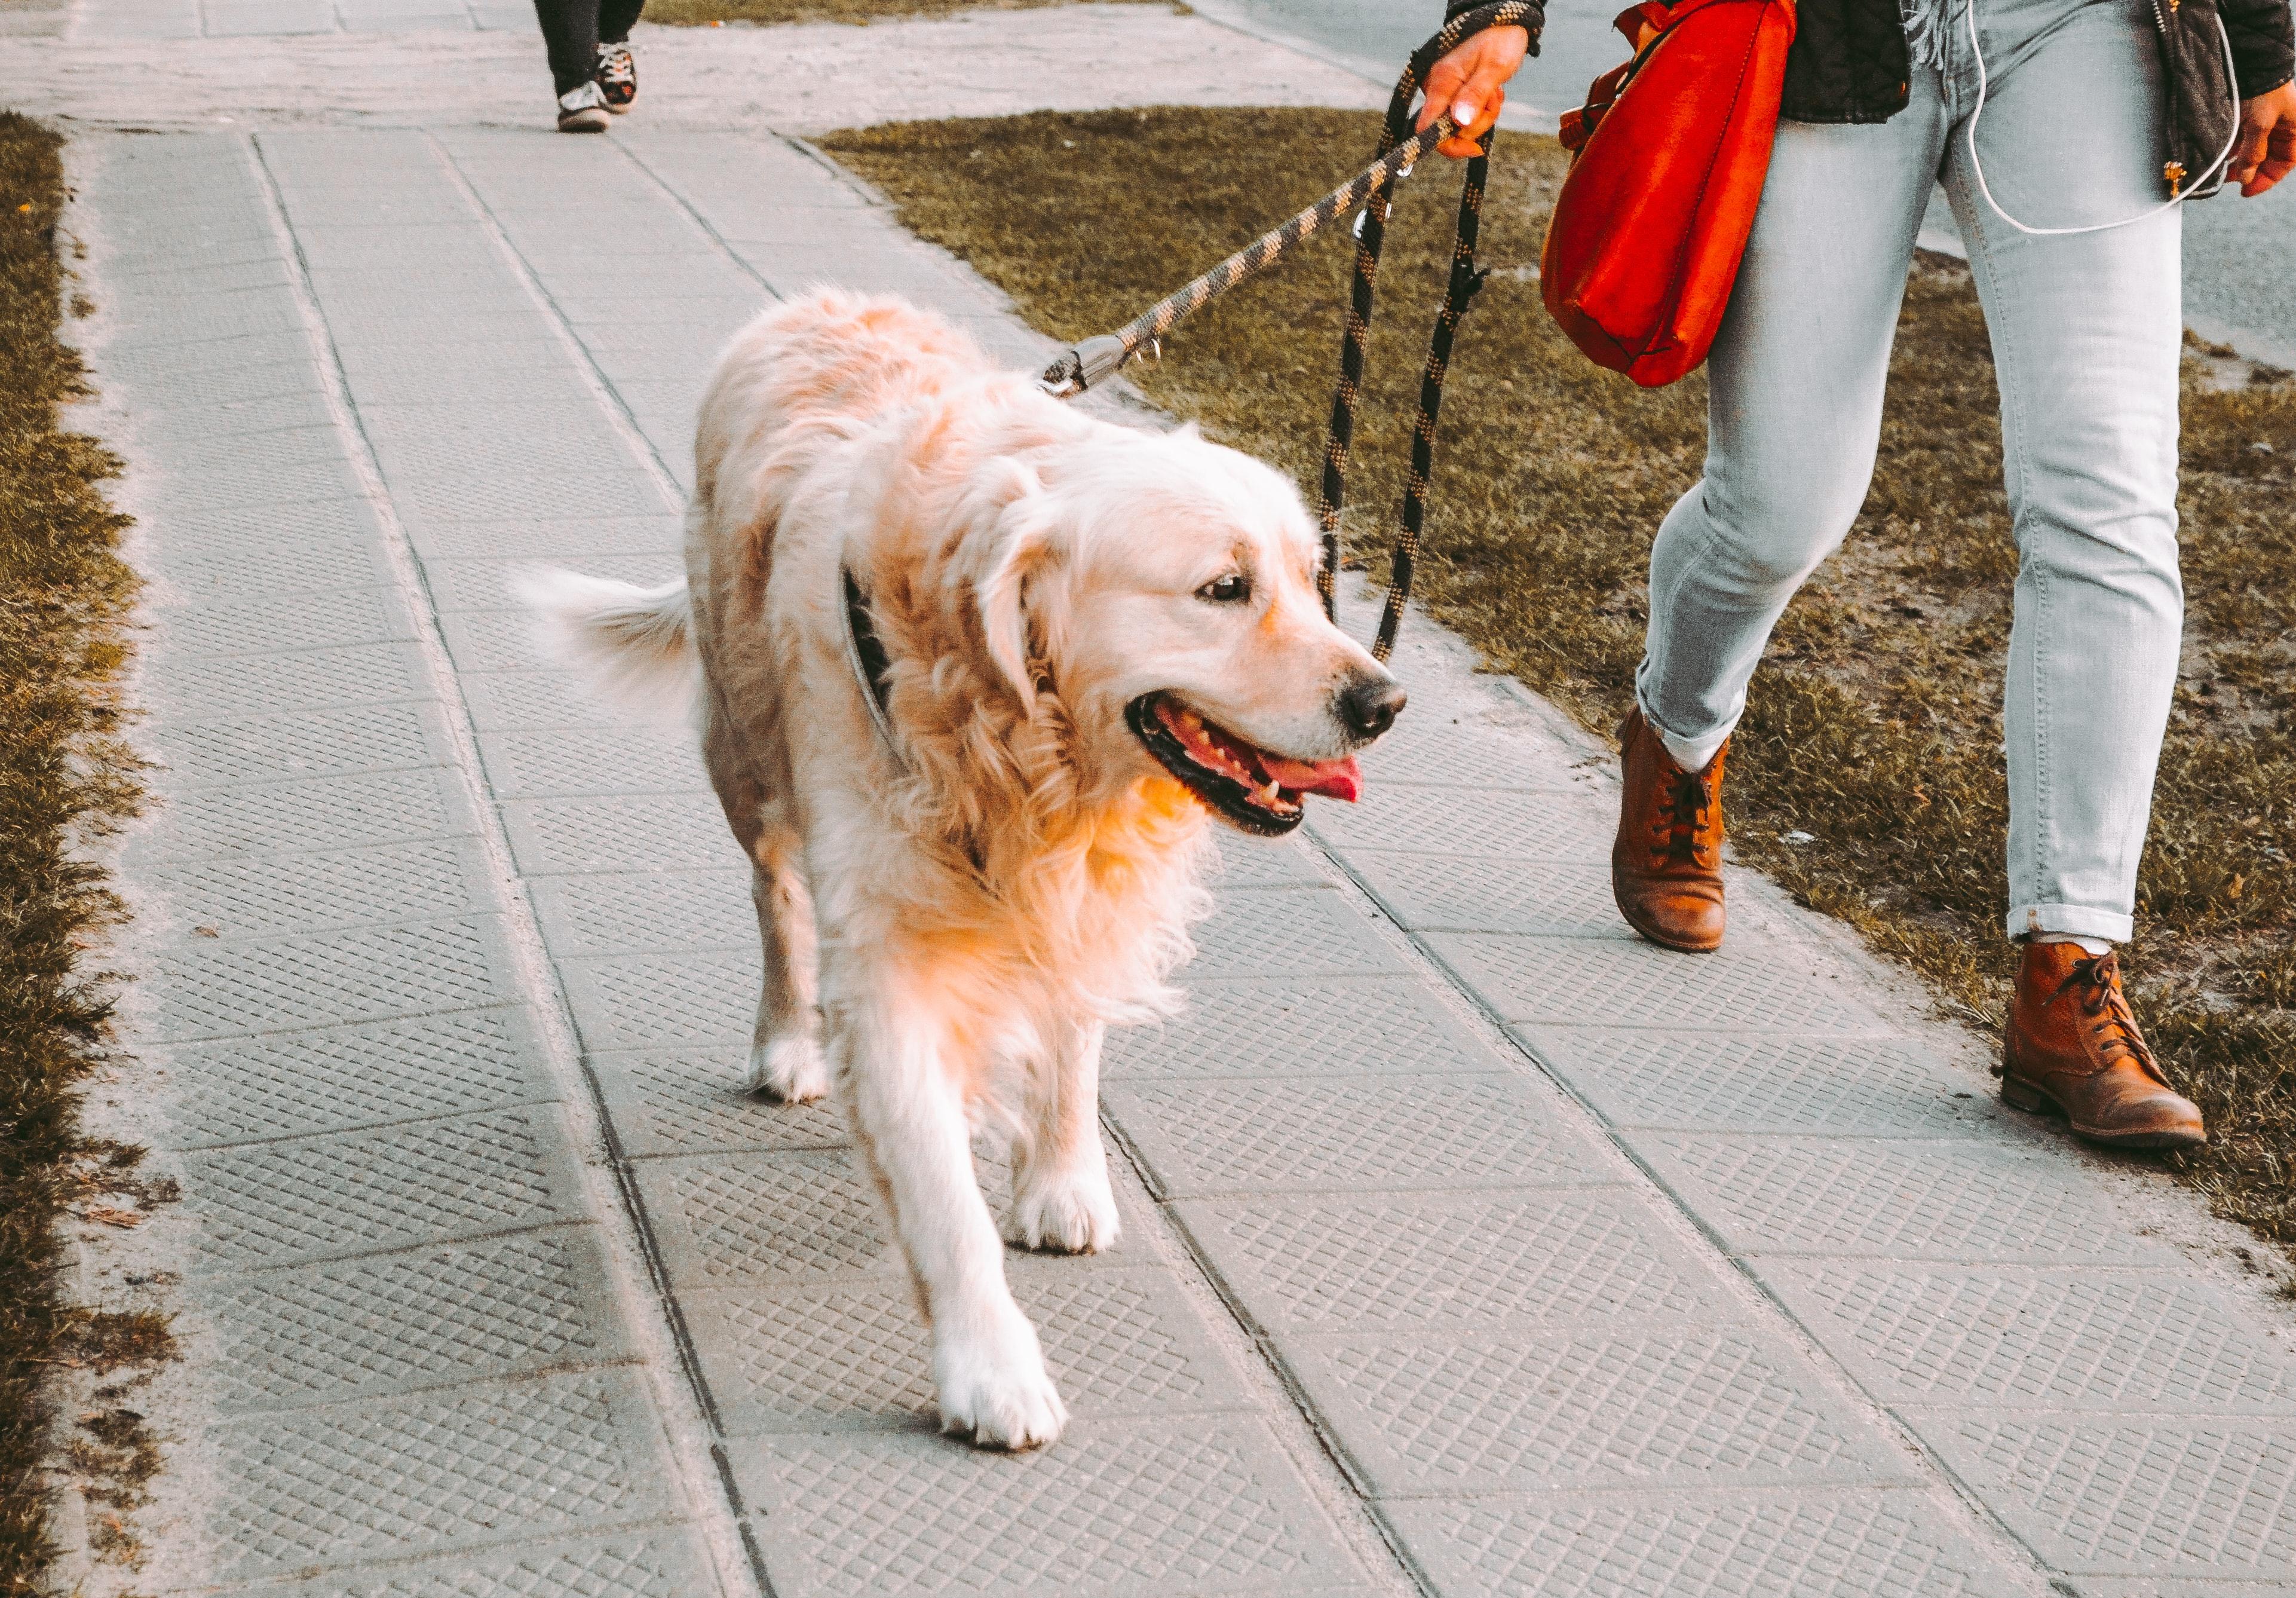 Come posso insegnare al mio cane a non tirare al guinzaglio?